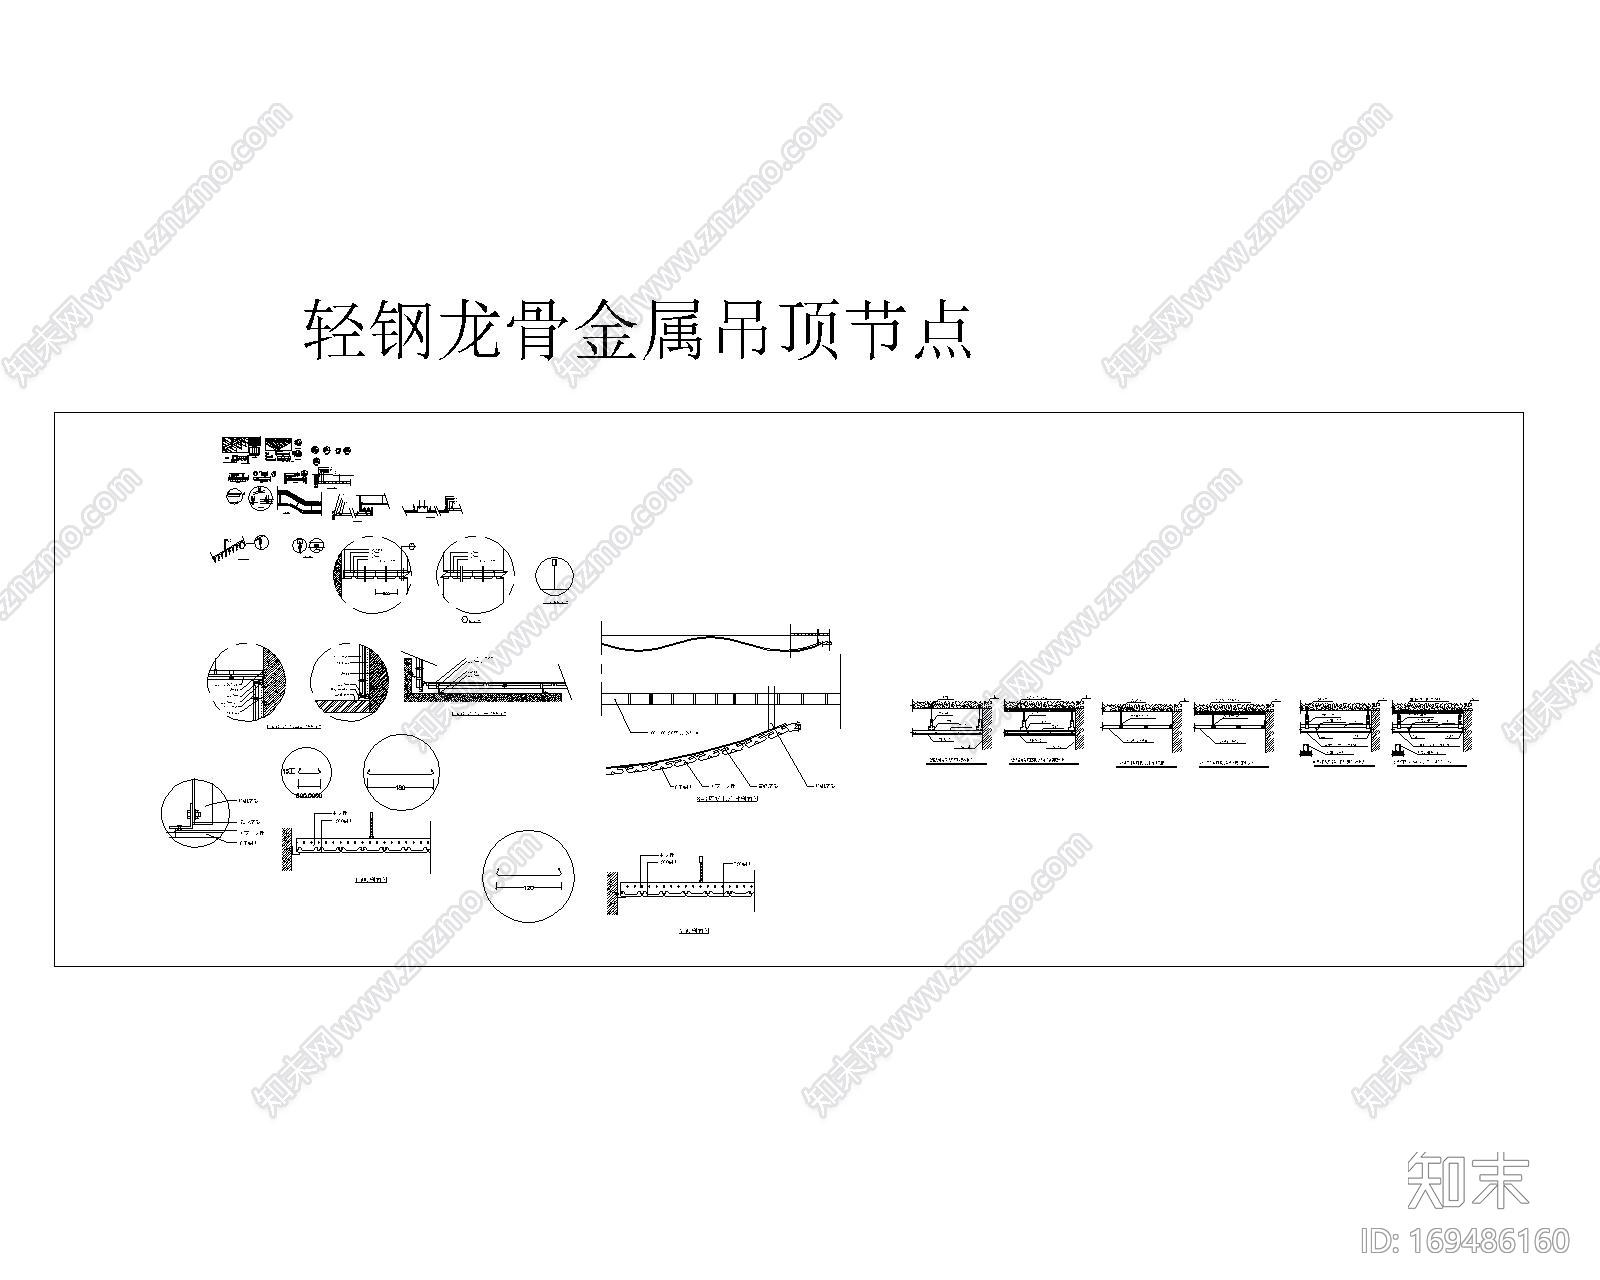 室内天花吊顶节点CAD图集施工图下载【ID:169486160】